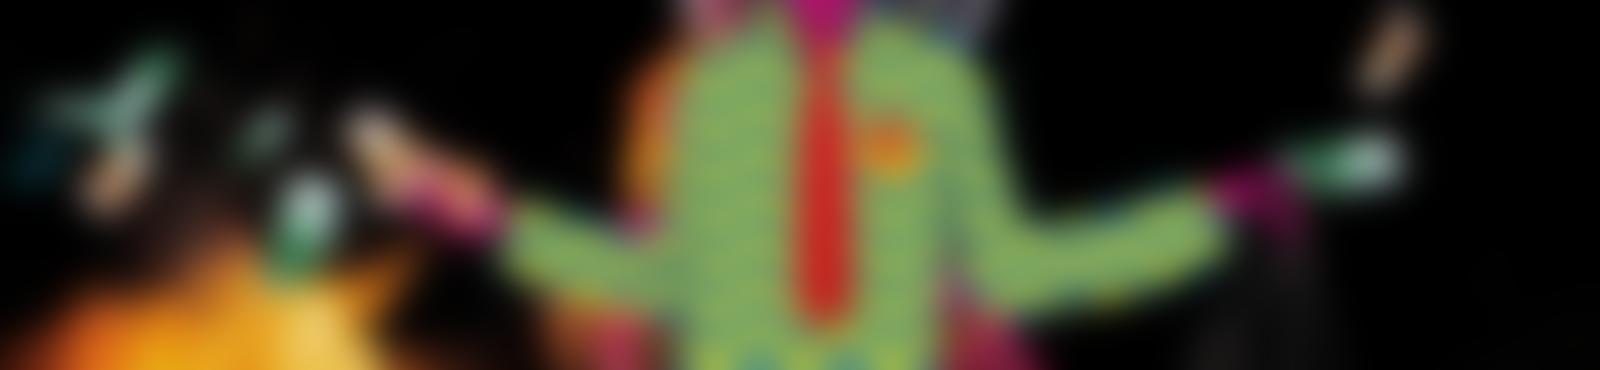 Blurred 2df953d4 94c4 45d6 9a74 2480de439f4b